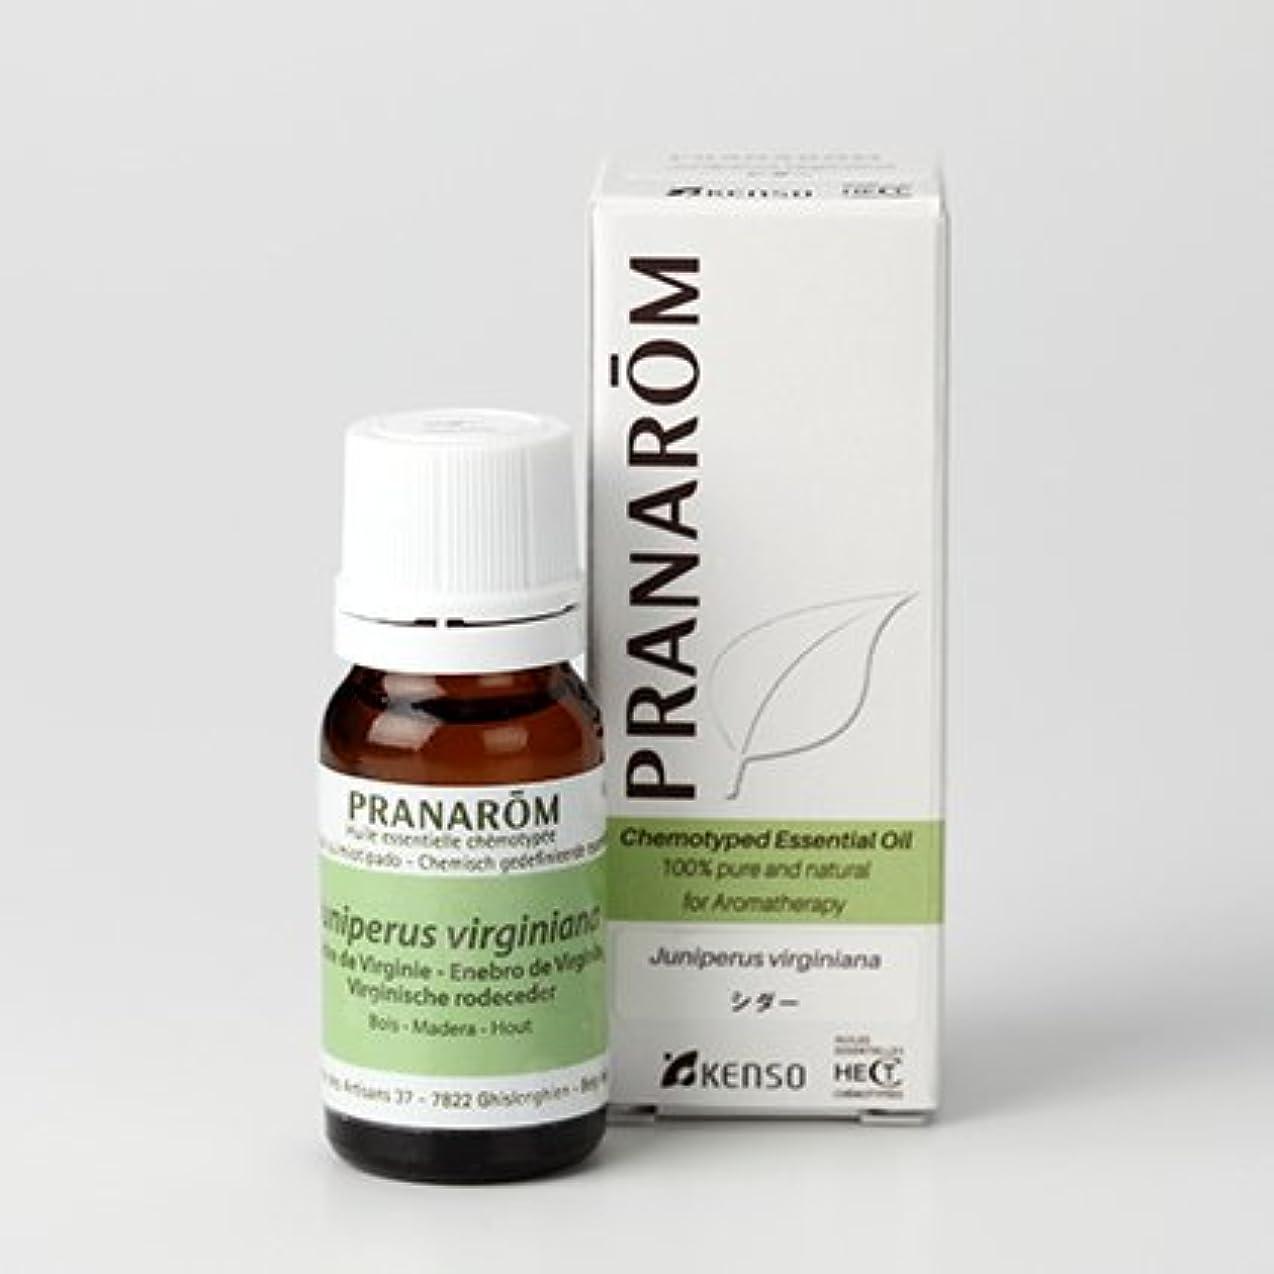 樹木インストール等々シダー 10ml プラナロム社エッセンシャルオイル(精油)樹木系ミドルノート